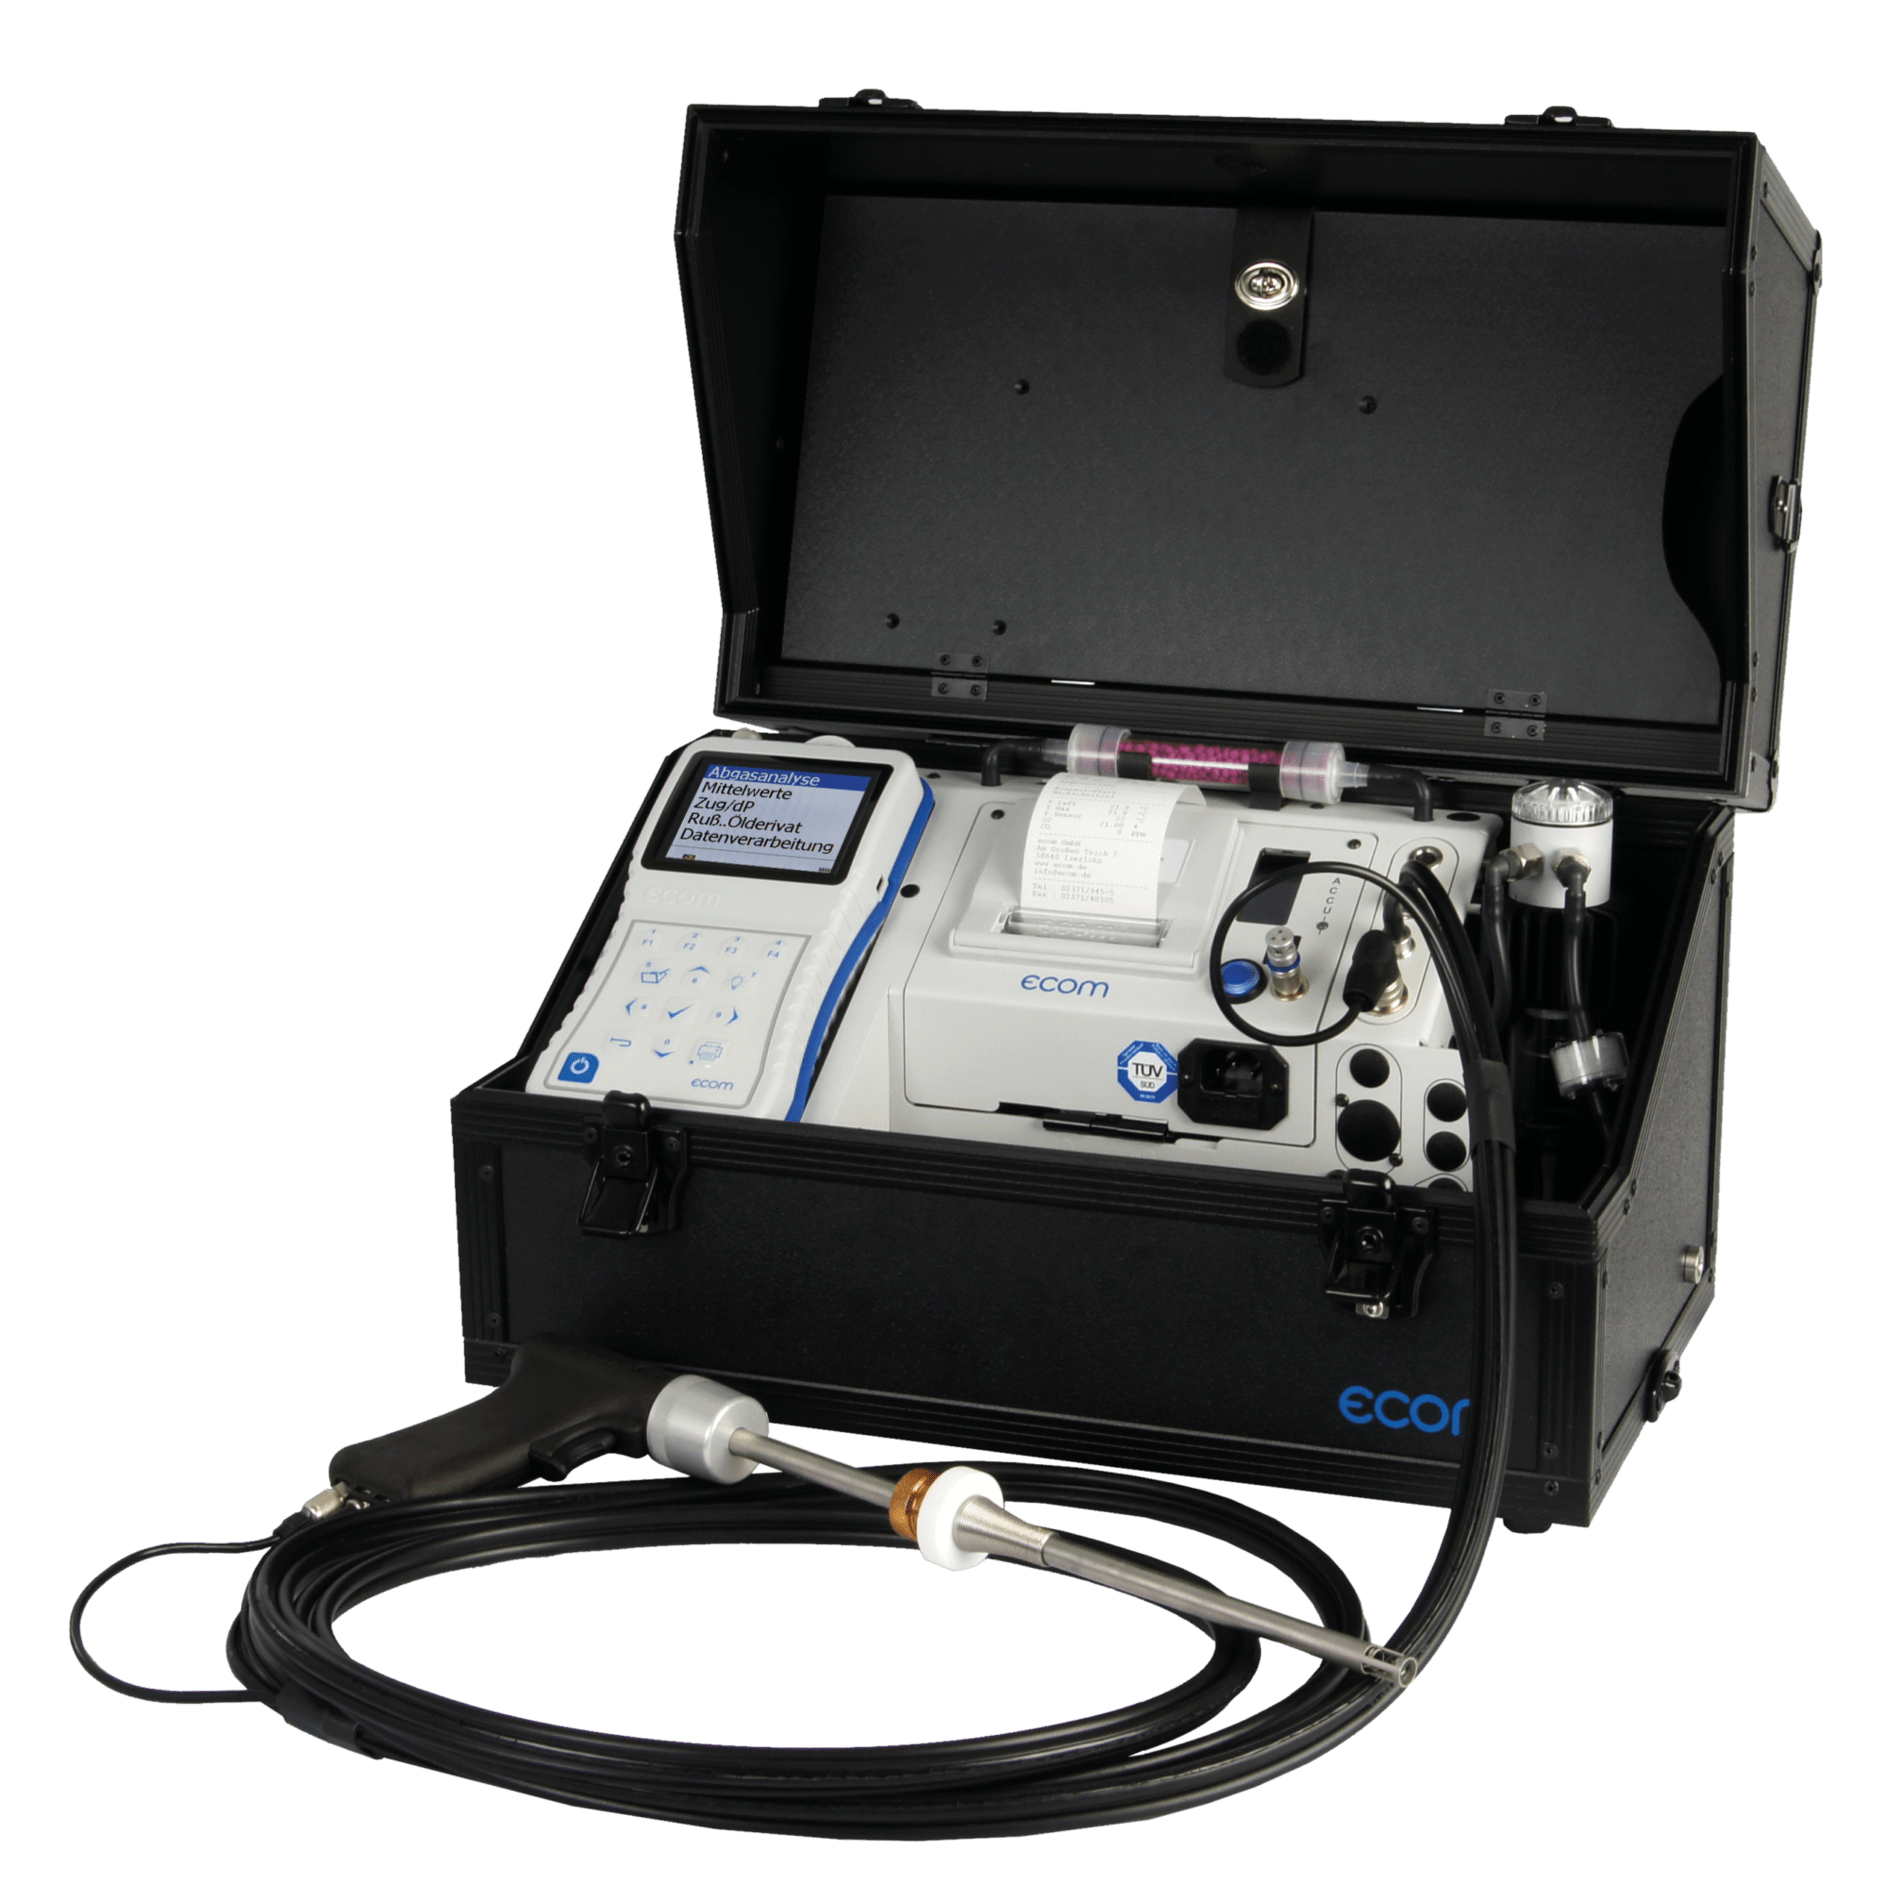 ecom-J2KNpro Easy - Abgasanalysegerät für größere Heizungsanalagen, Motoren, Brenner sowie industriellen Anwendungen